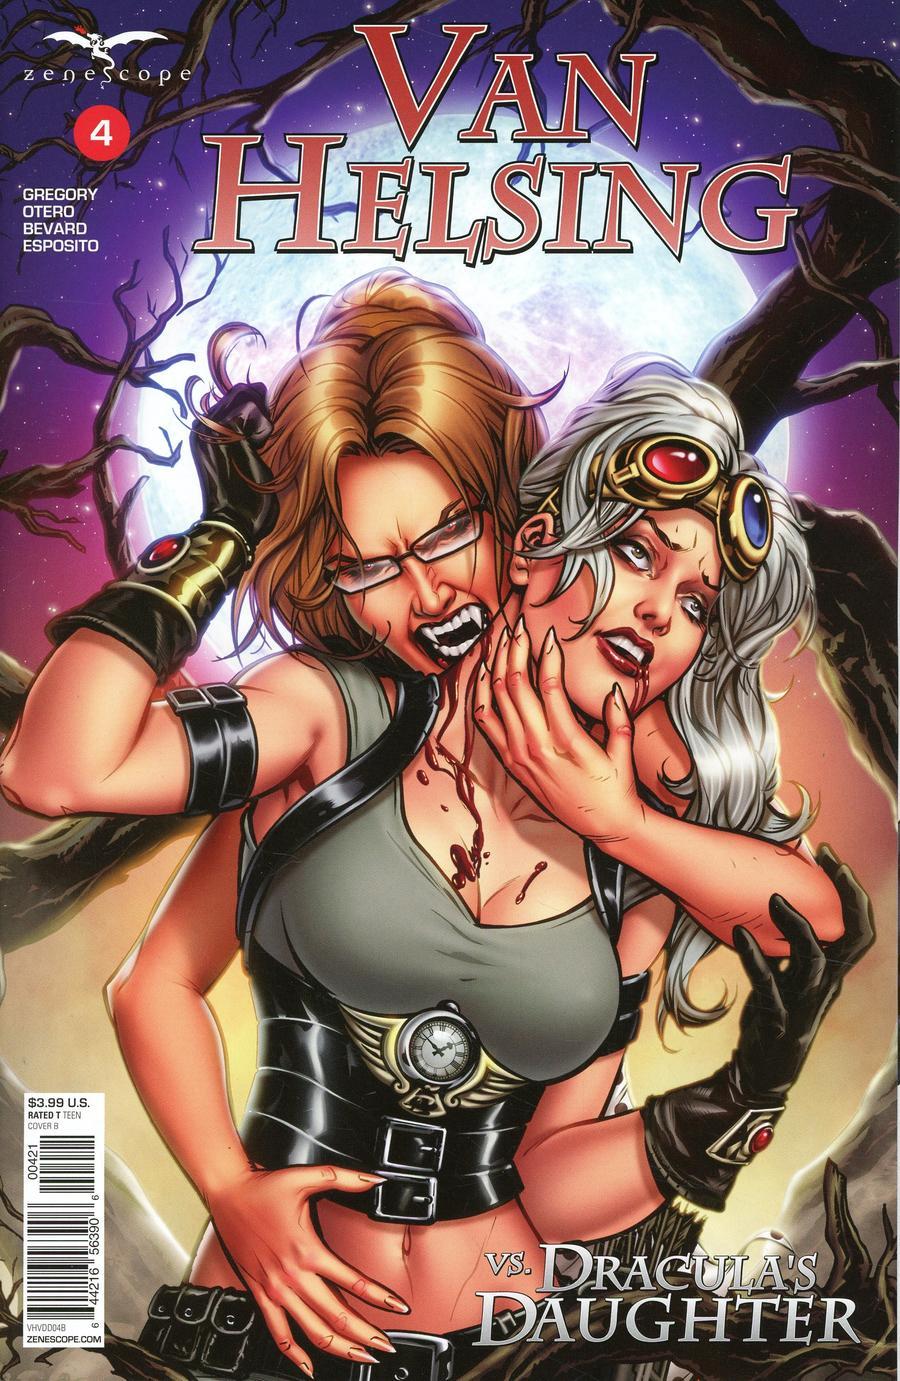 Van Helsing Vs Draculas Daughter #4 (2019)